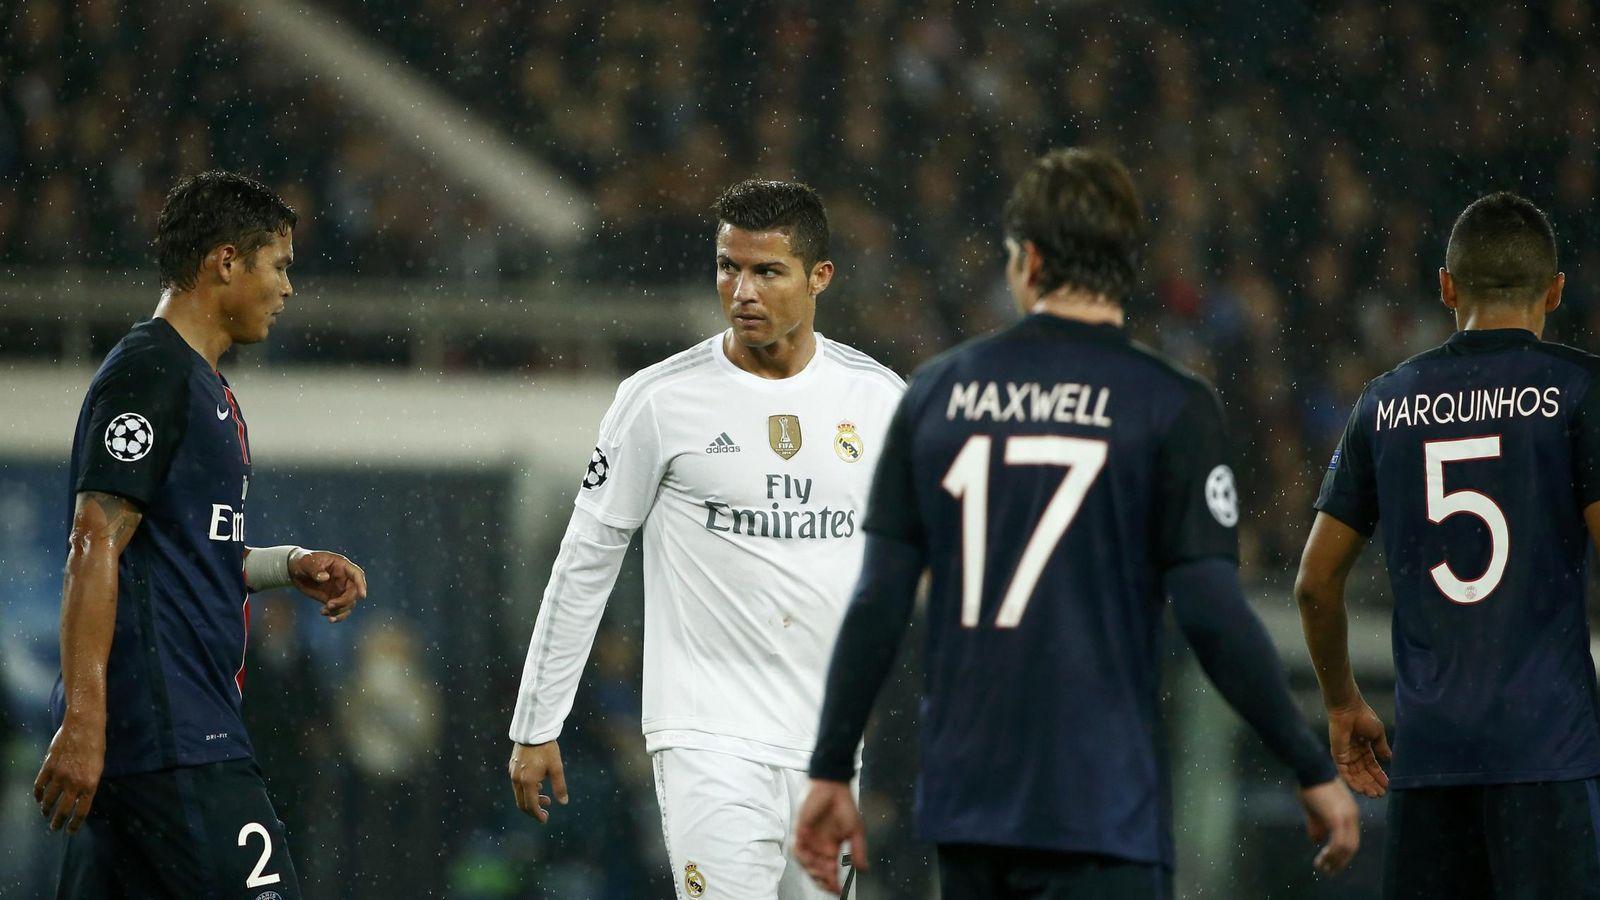 Foto: Cristiano Ronaldo, el pasado miércoles, en el partido contra el París Saint Germain. (Reuters)